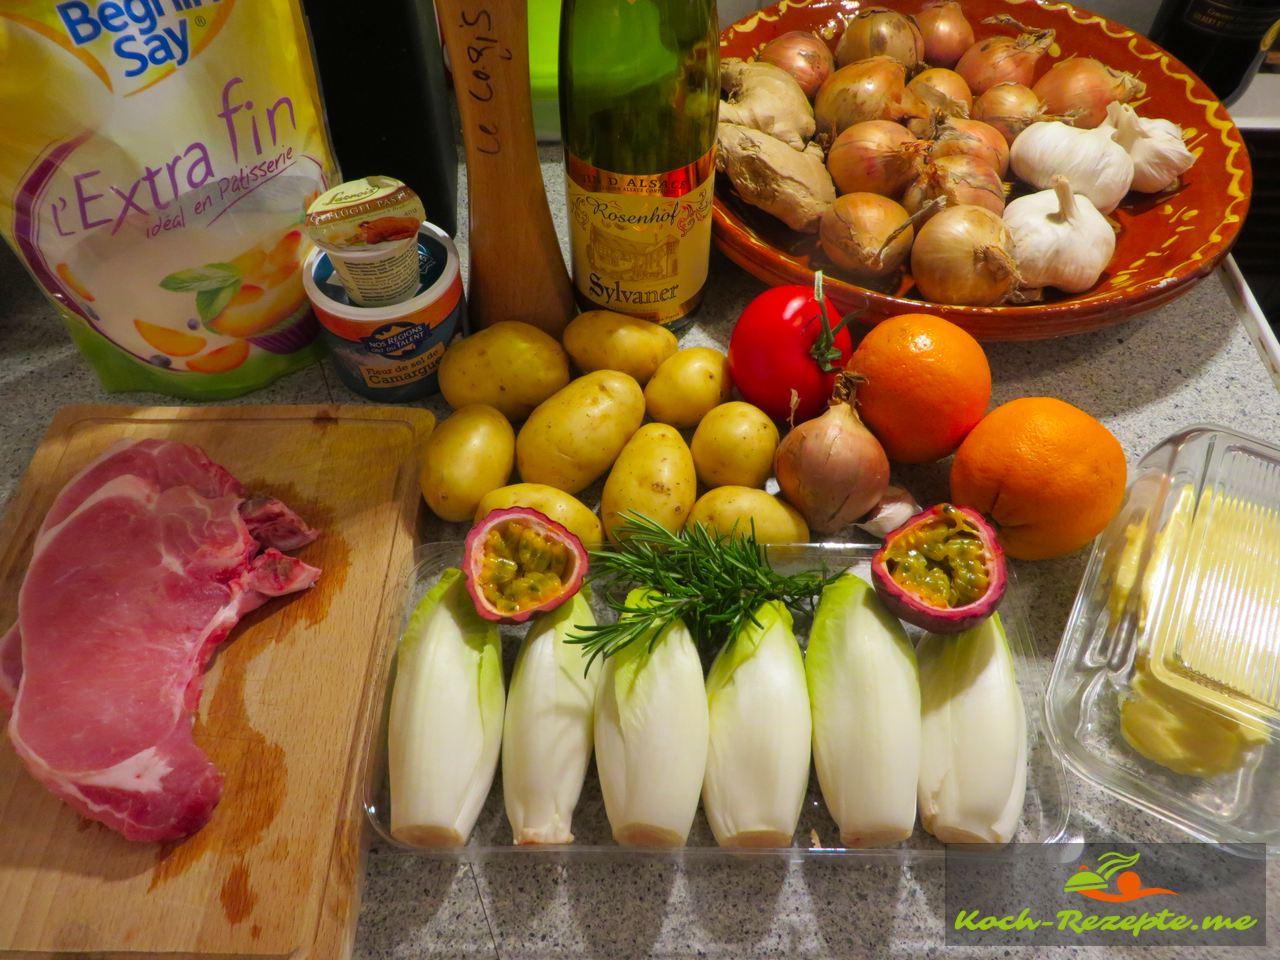 Geschmorte Endivie Rezept französisch, auch als Chicorée bekannt.